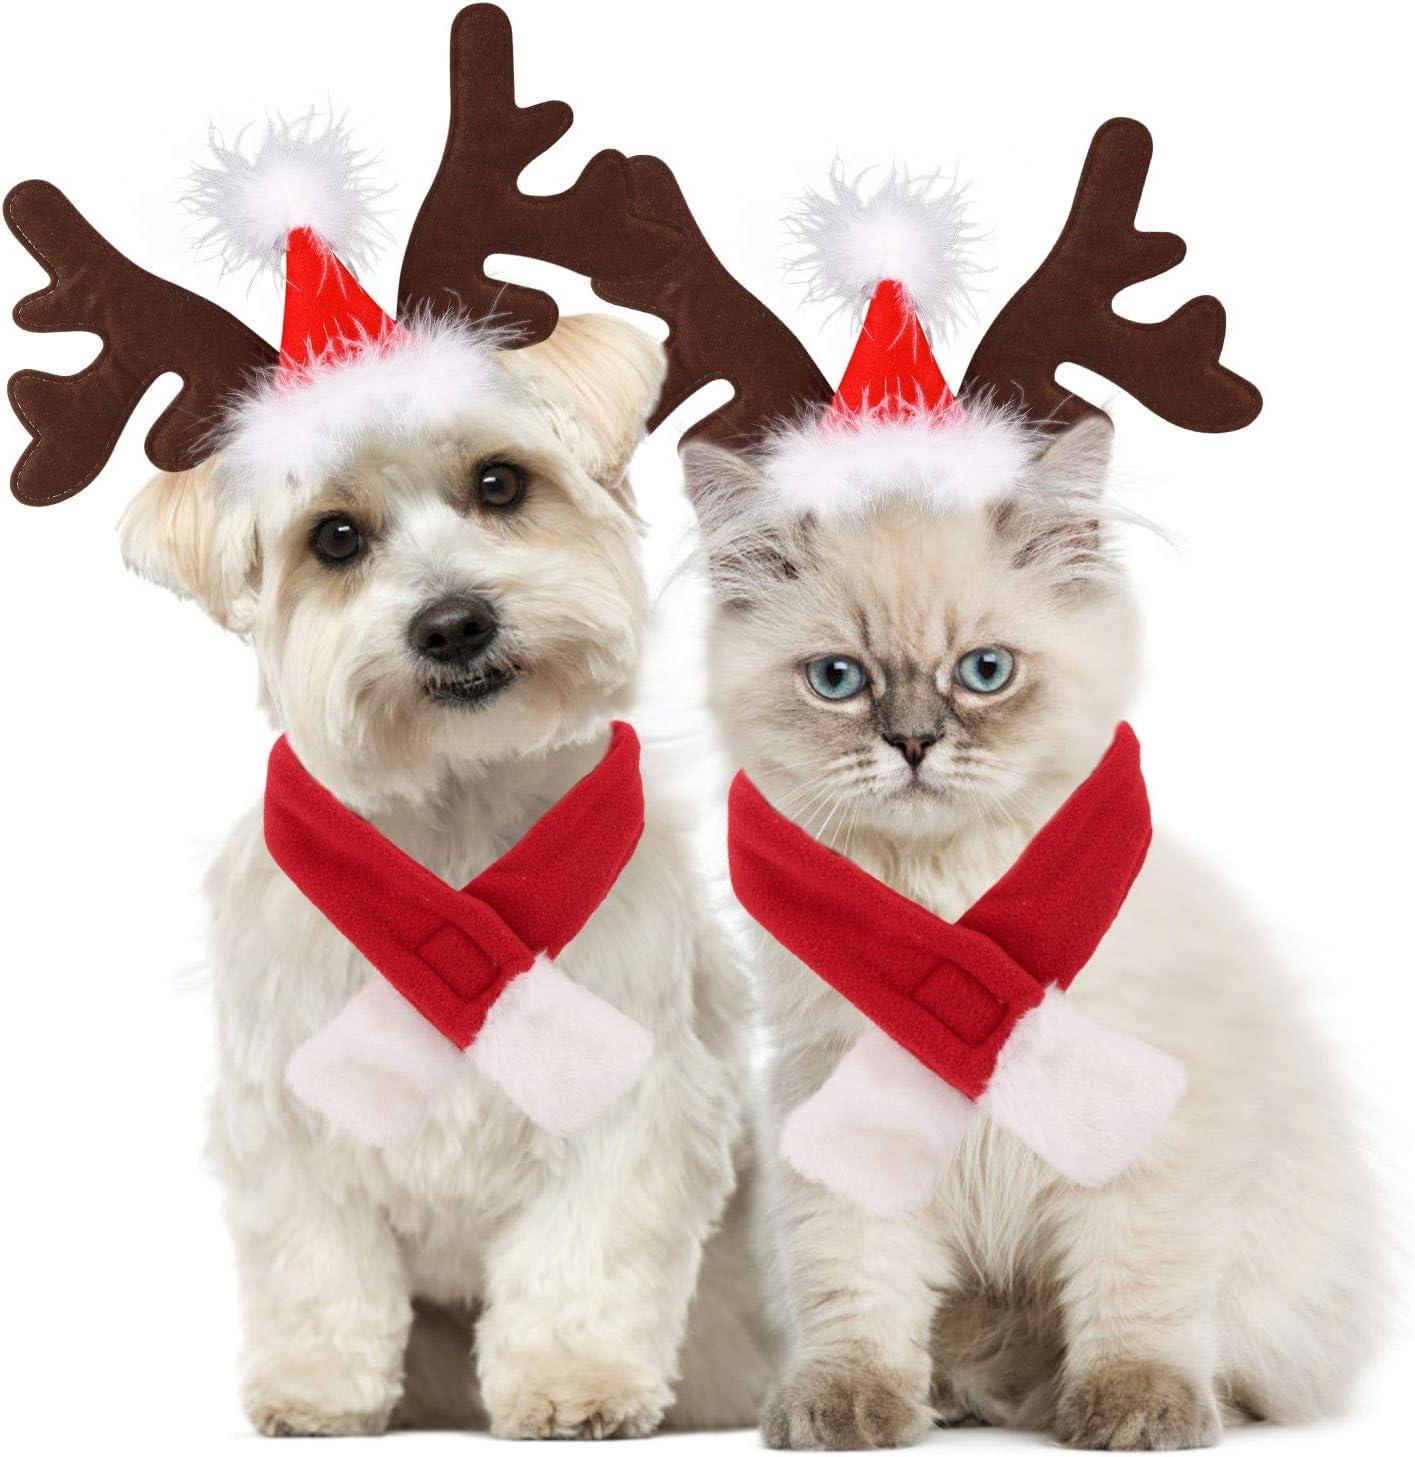 Legendog Disfraz de Navidad para perro, ajustable con cuernos y bufanda, disfraz de Navidad para perros y gatito dulce regalo (gorros + bufanda)